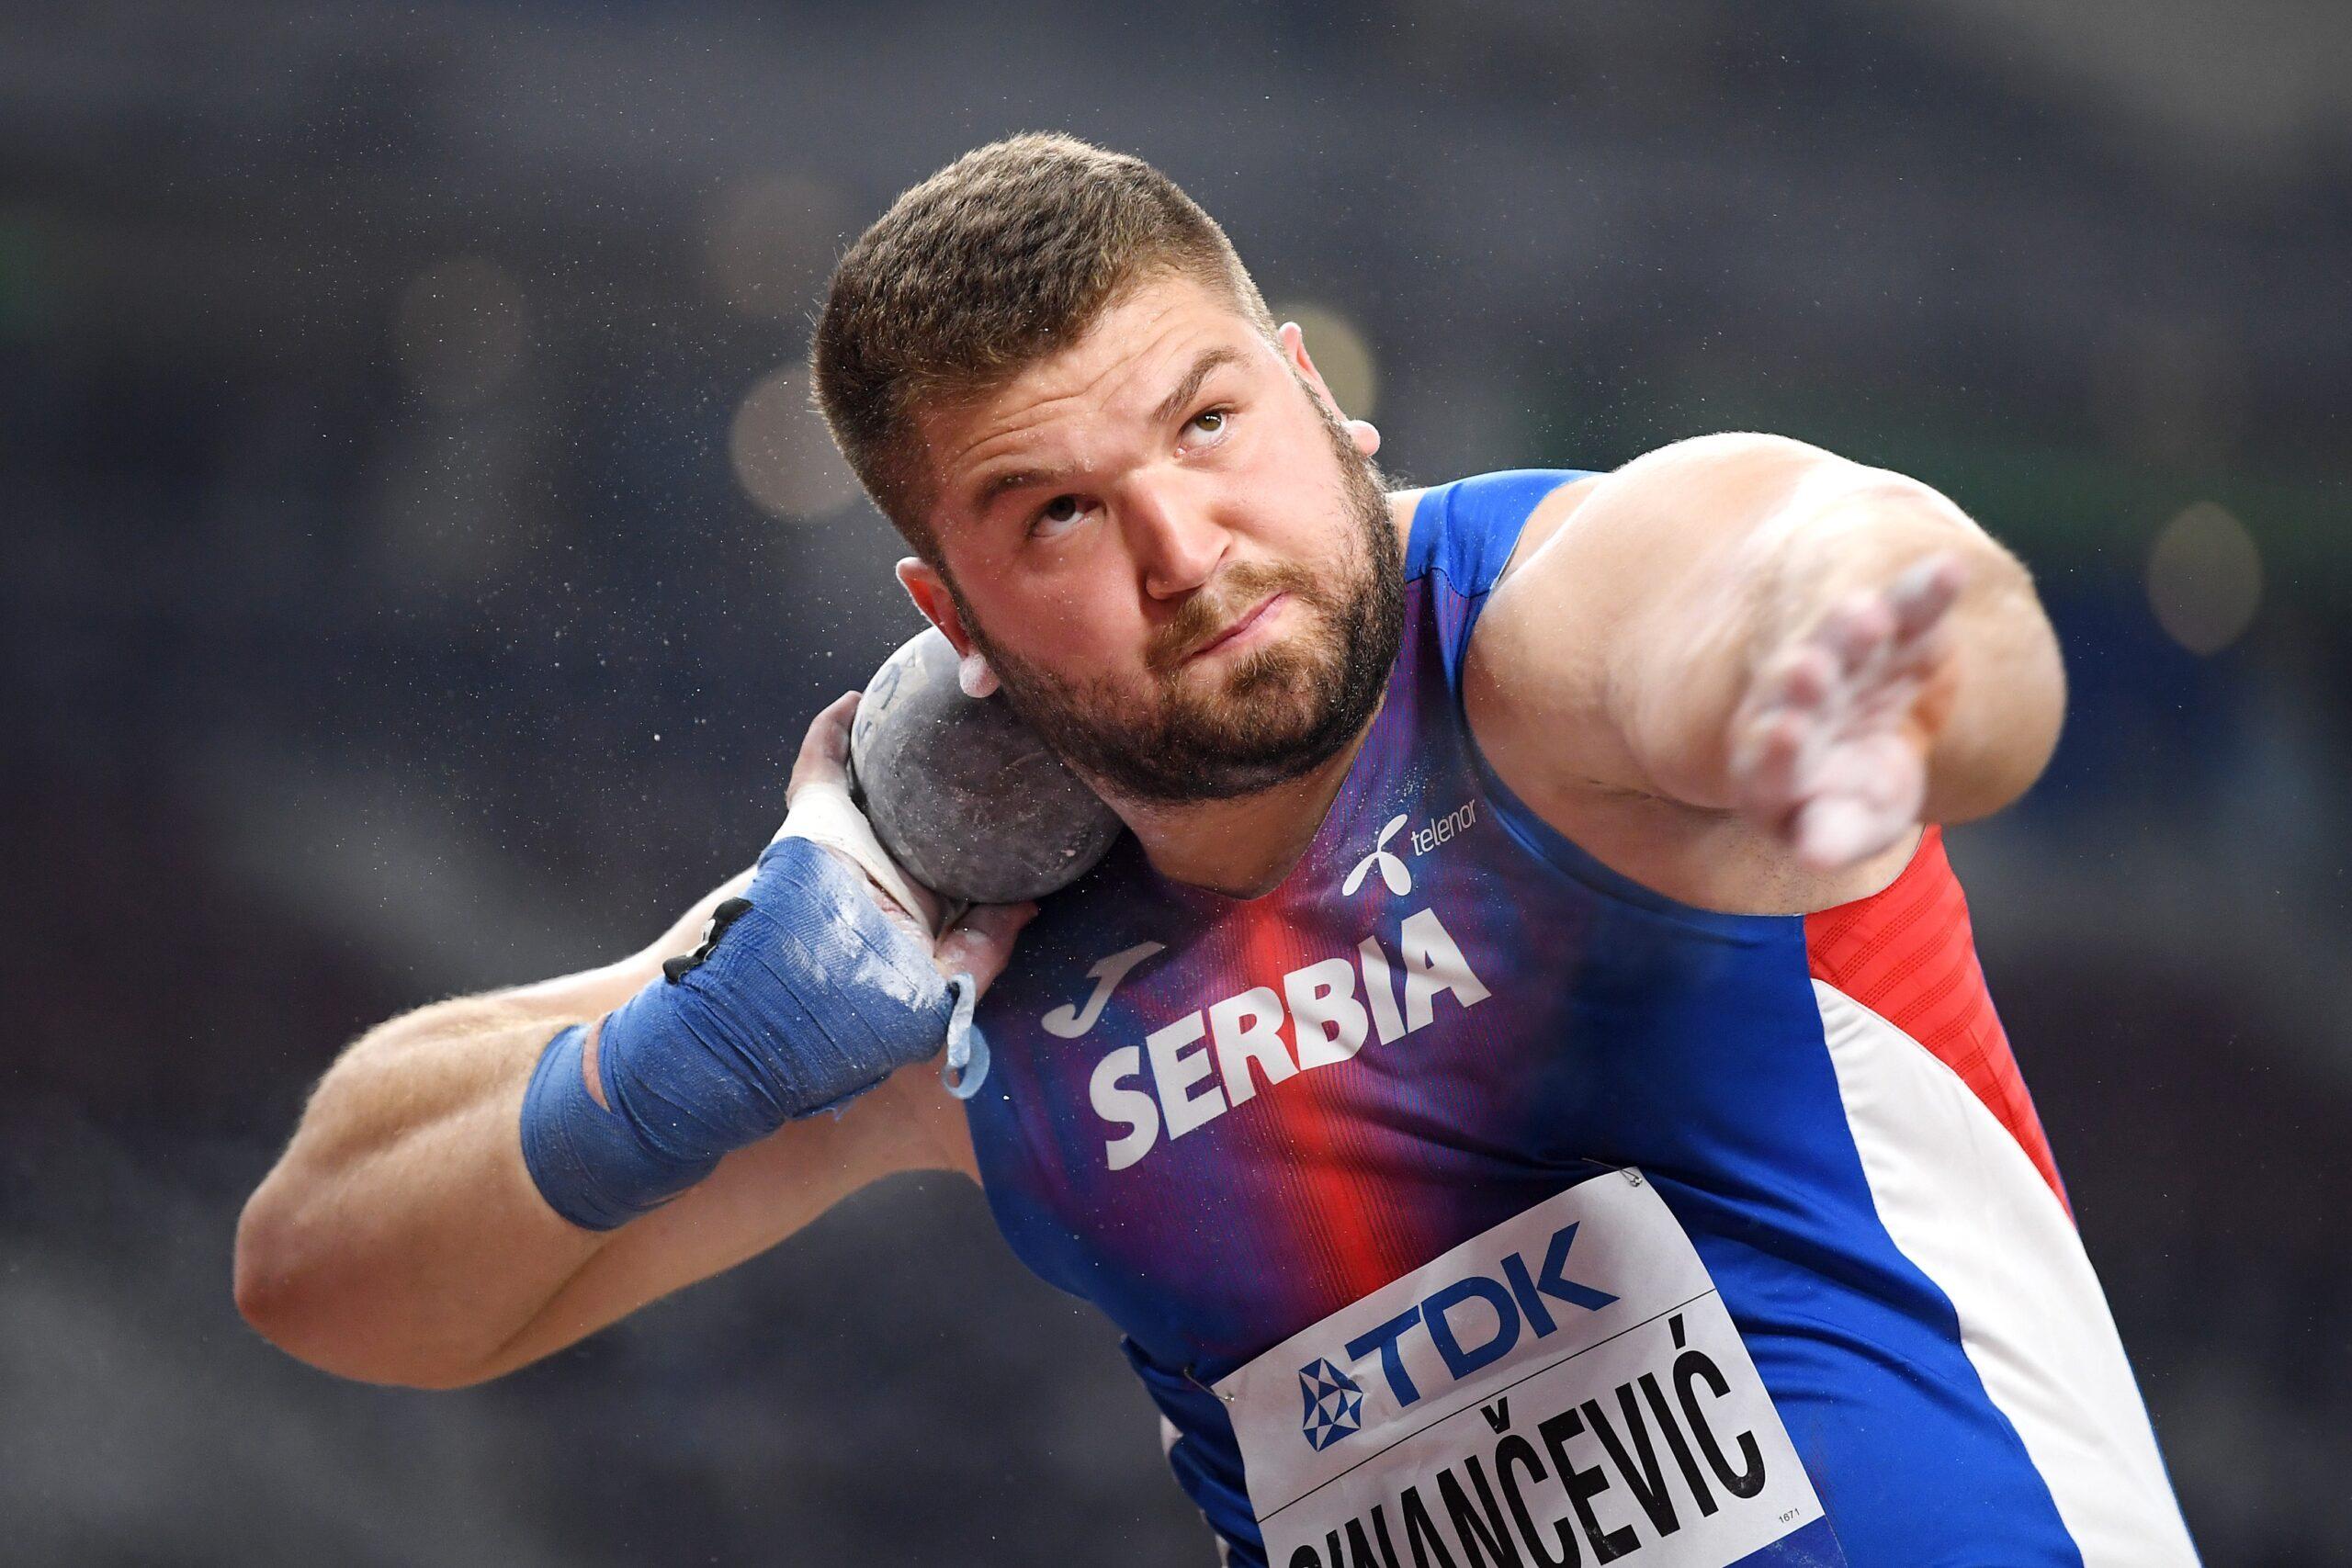 armin-sinancevic:-fokus-na-olimpijskim-igrama